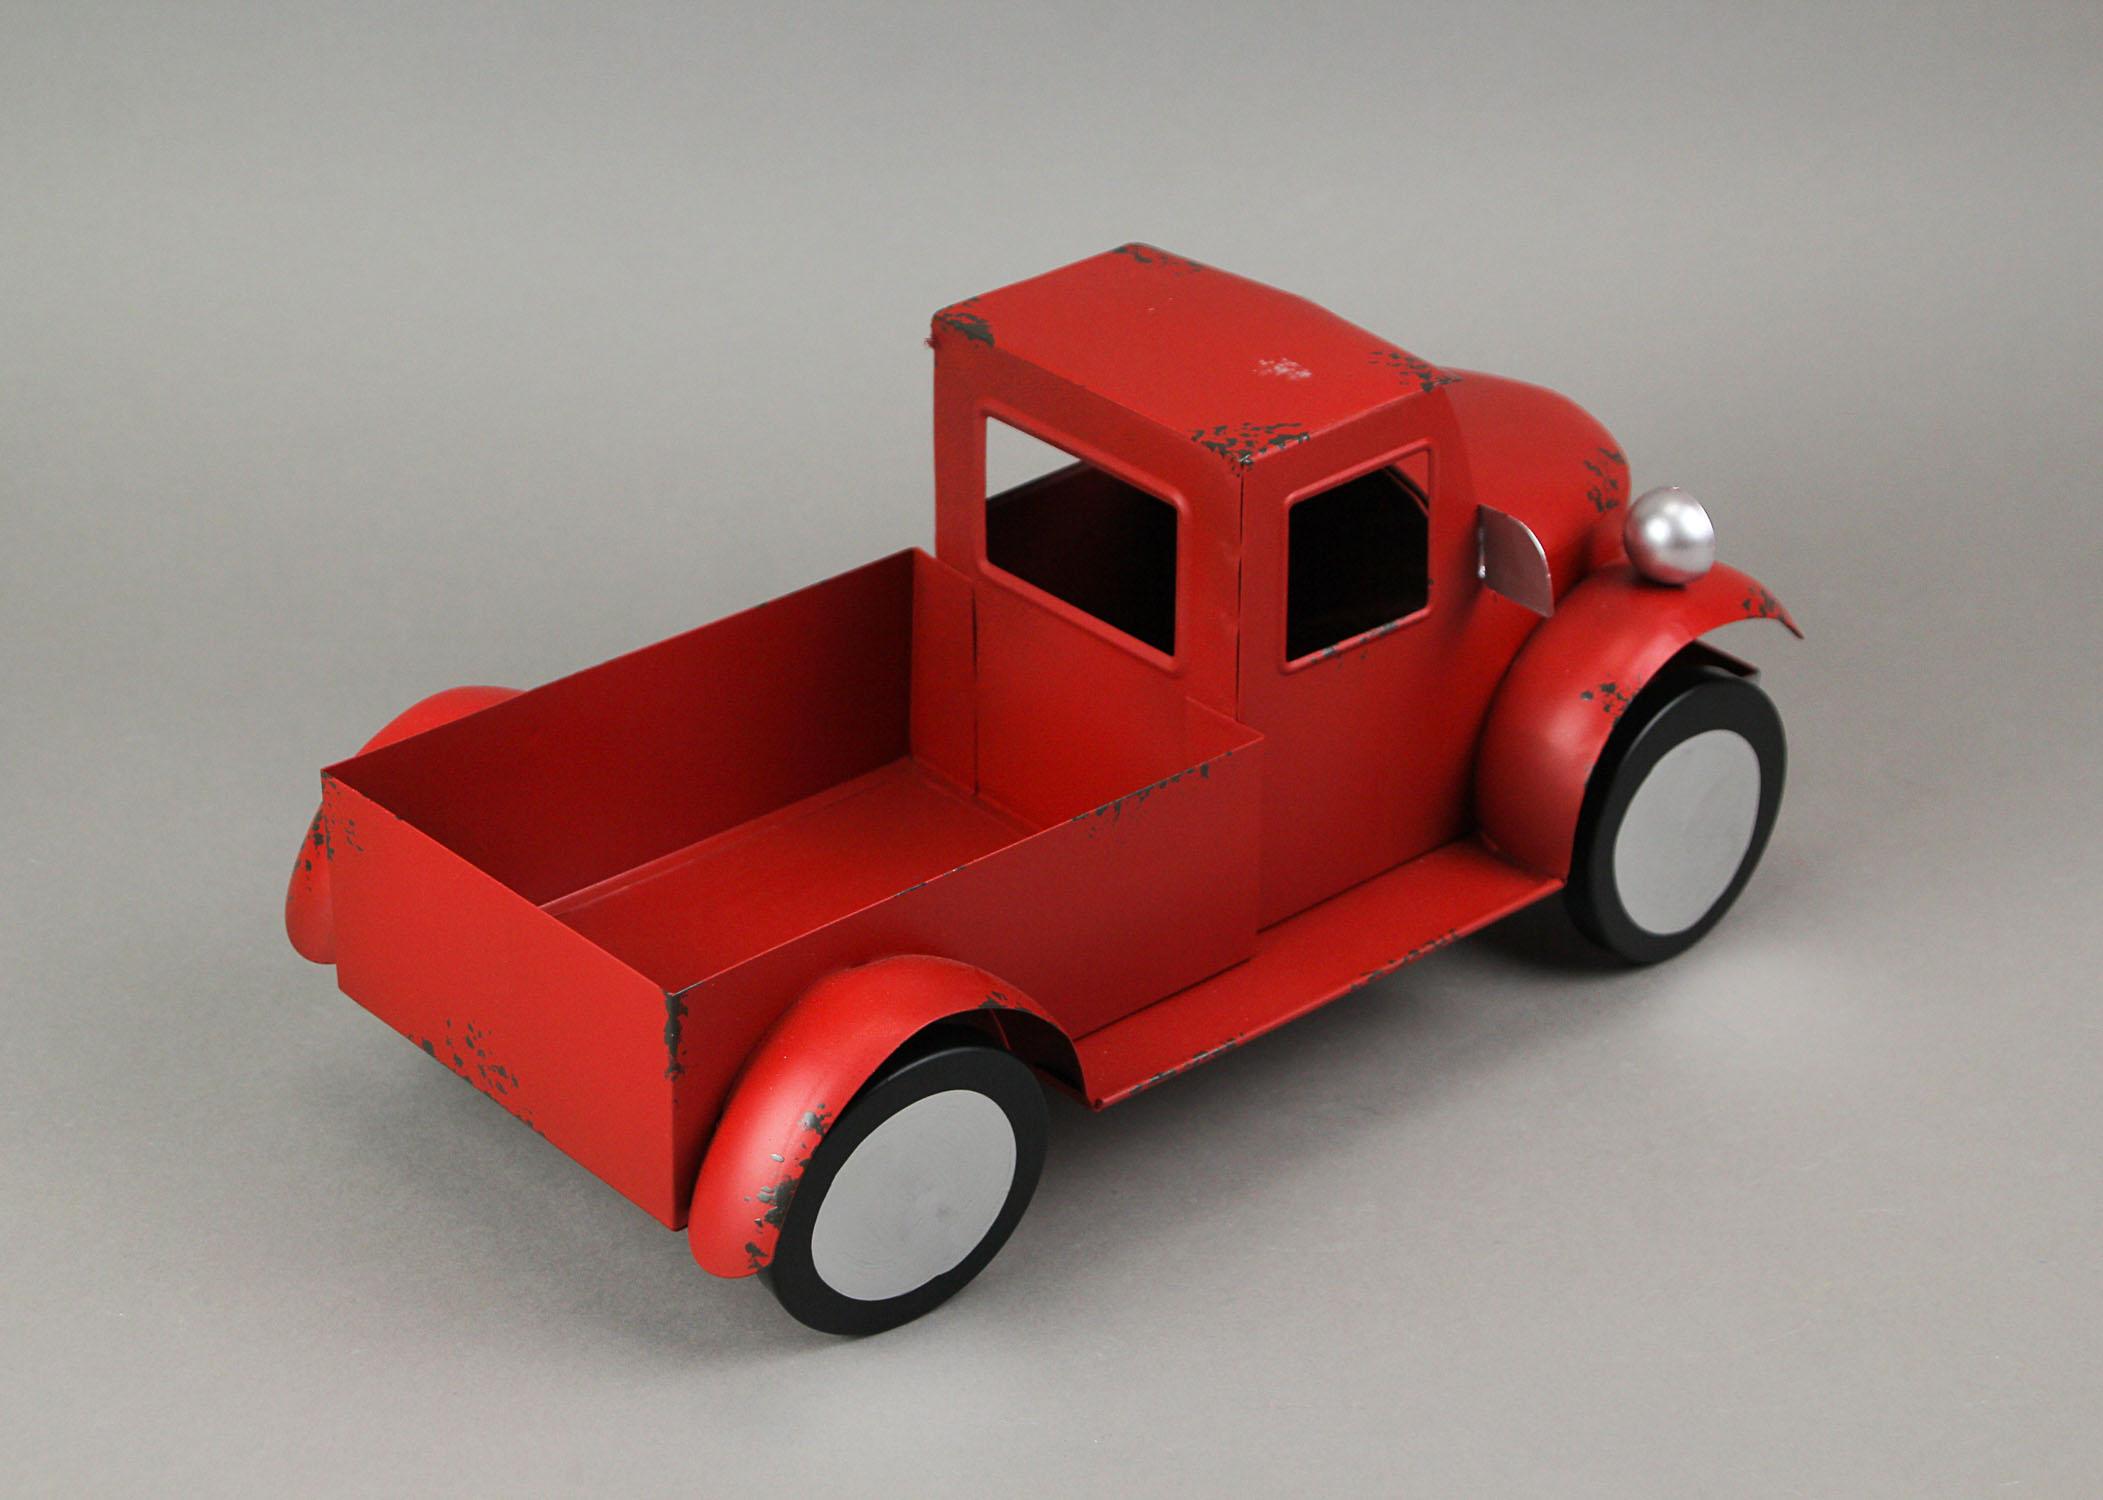 thumbnail 9 - Zeckos Rustic Metal Antique Truck Indoor or Outdoor Planter